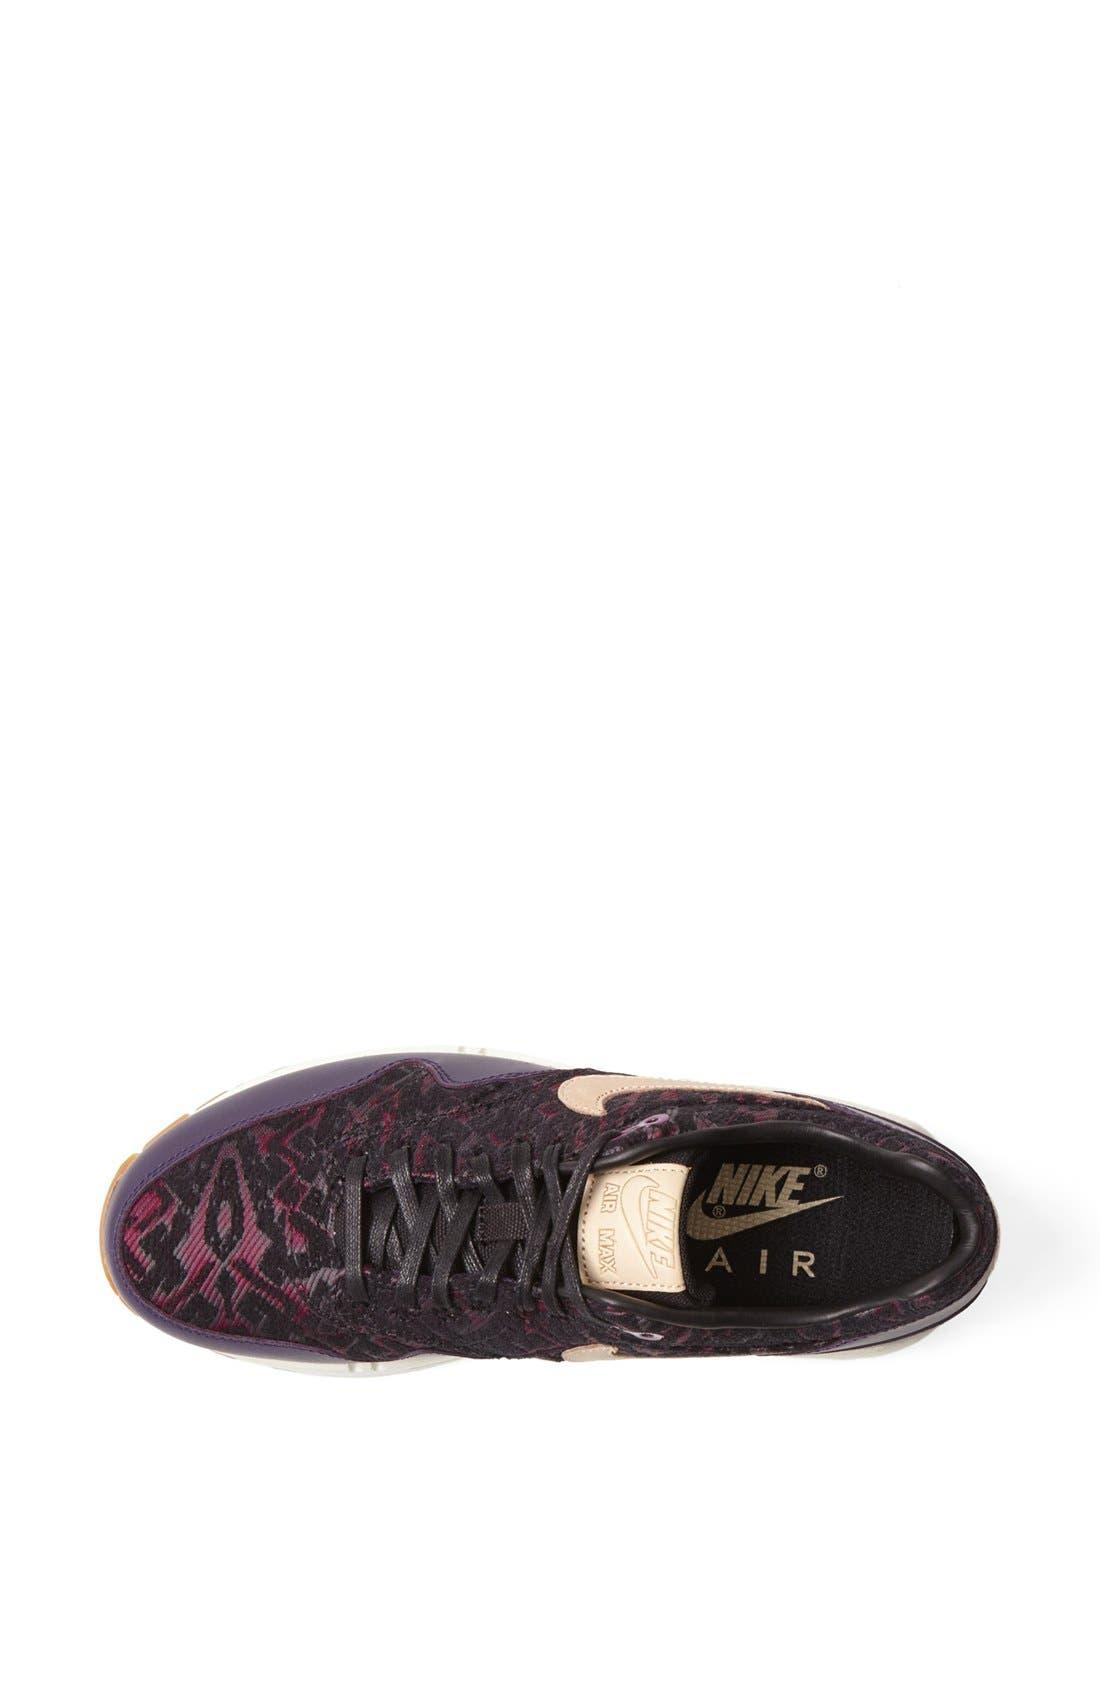 Alternate Image 3  - Nike 'Air Max 1 Vintage' Sneakers (Women)